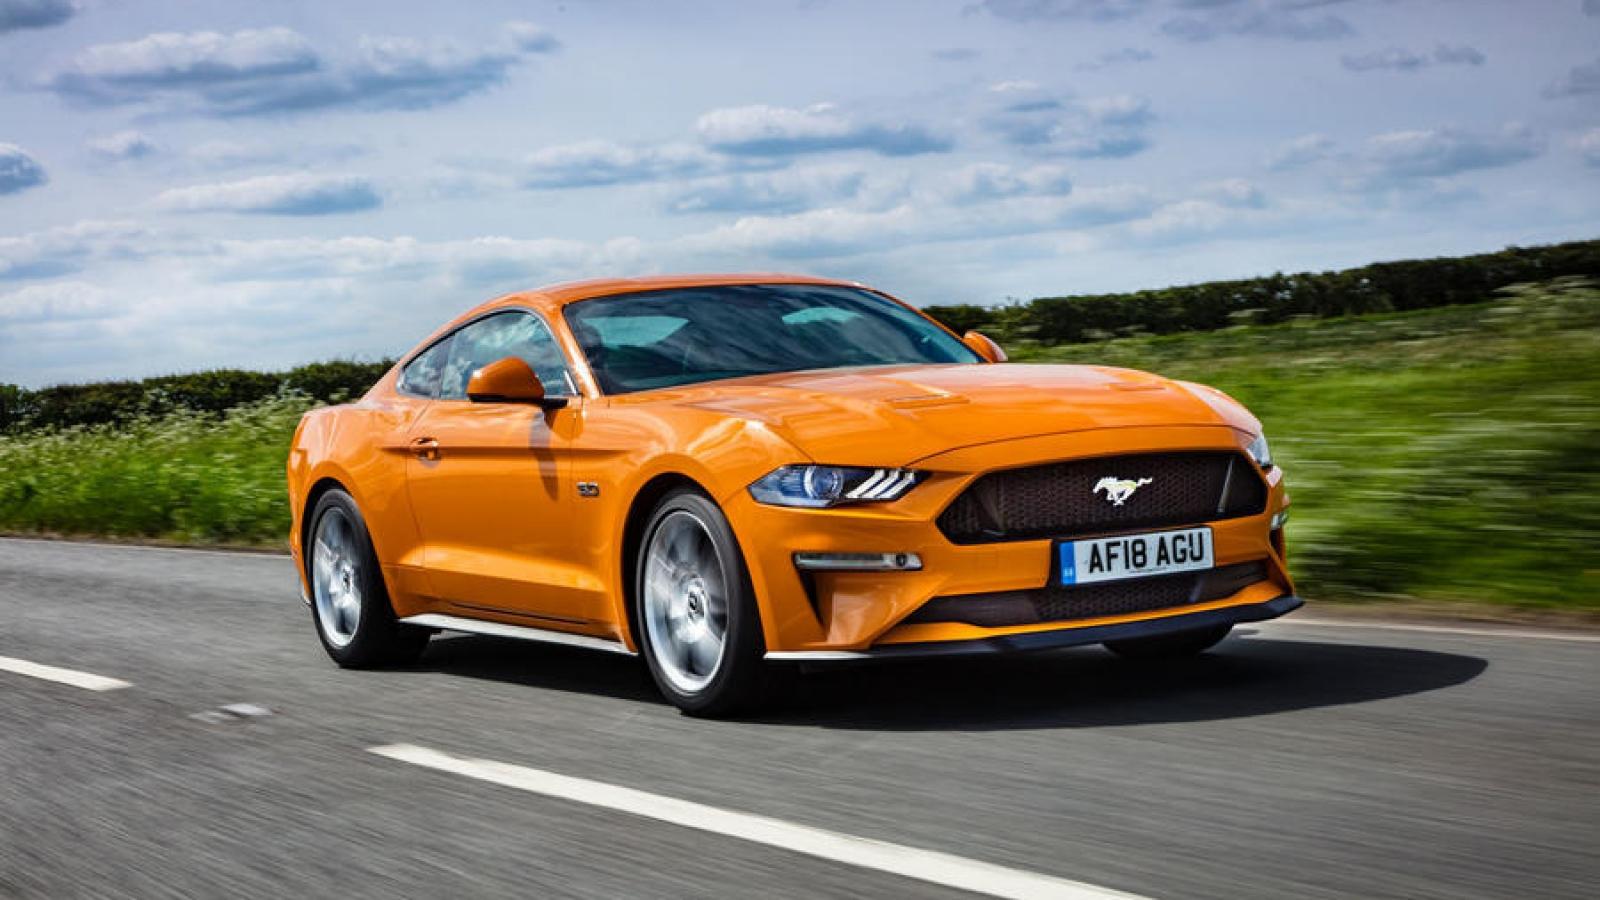 Top 10 mẫu xe thể thao giá rẻ cho năm 2021